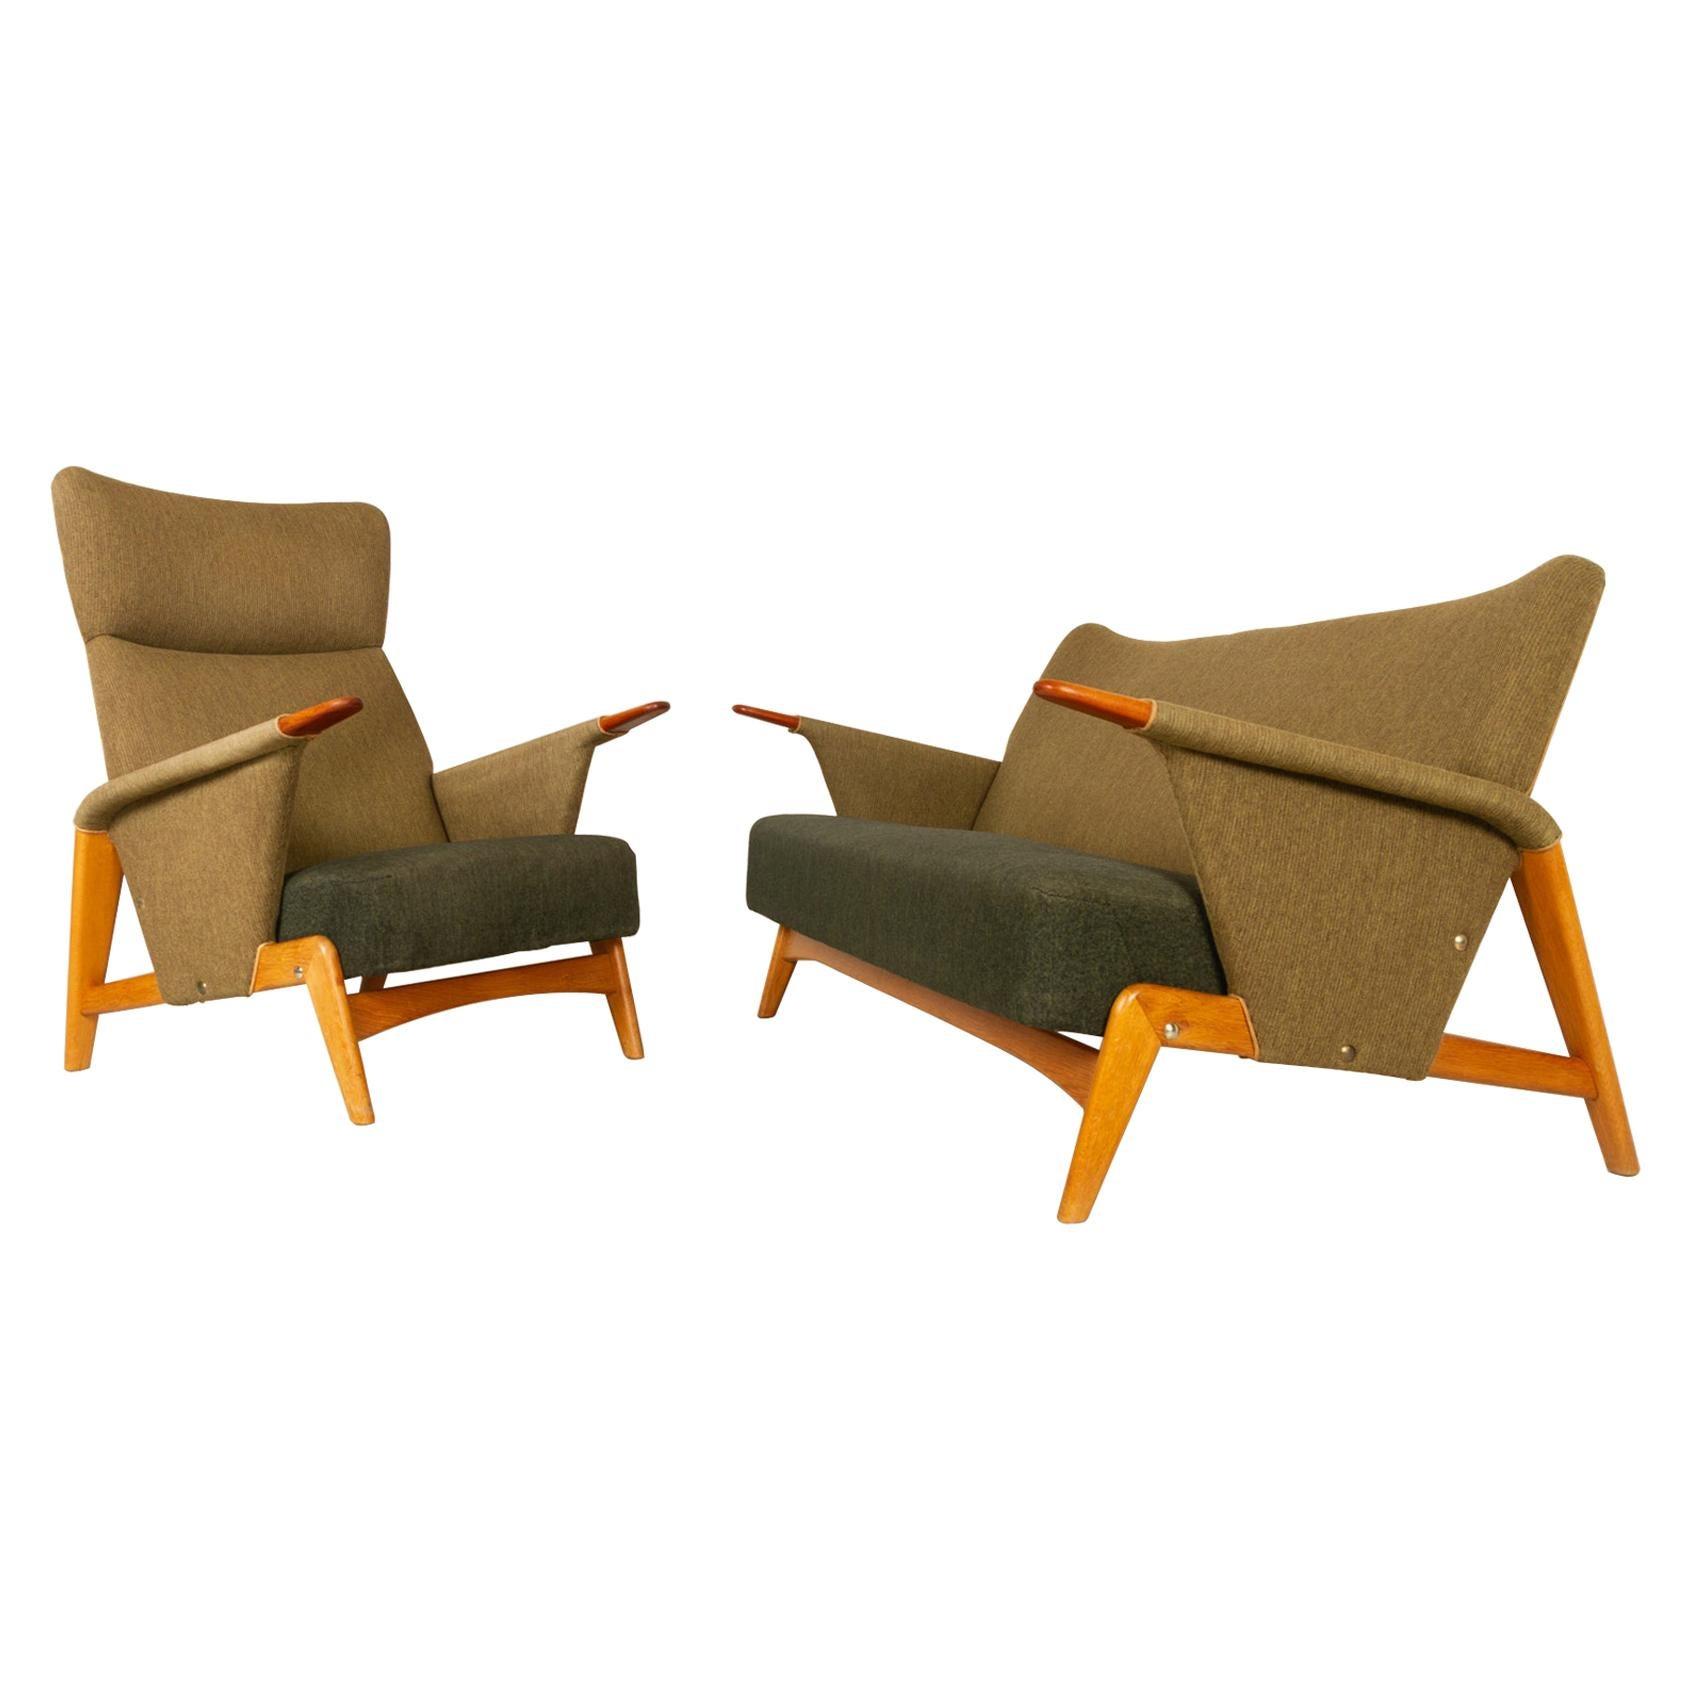 Vintage Danish Sofa Set by Arne Hovmand-Olsen, 1950s